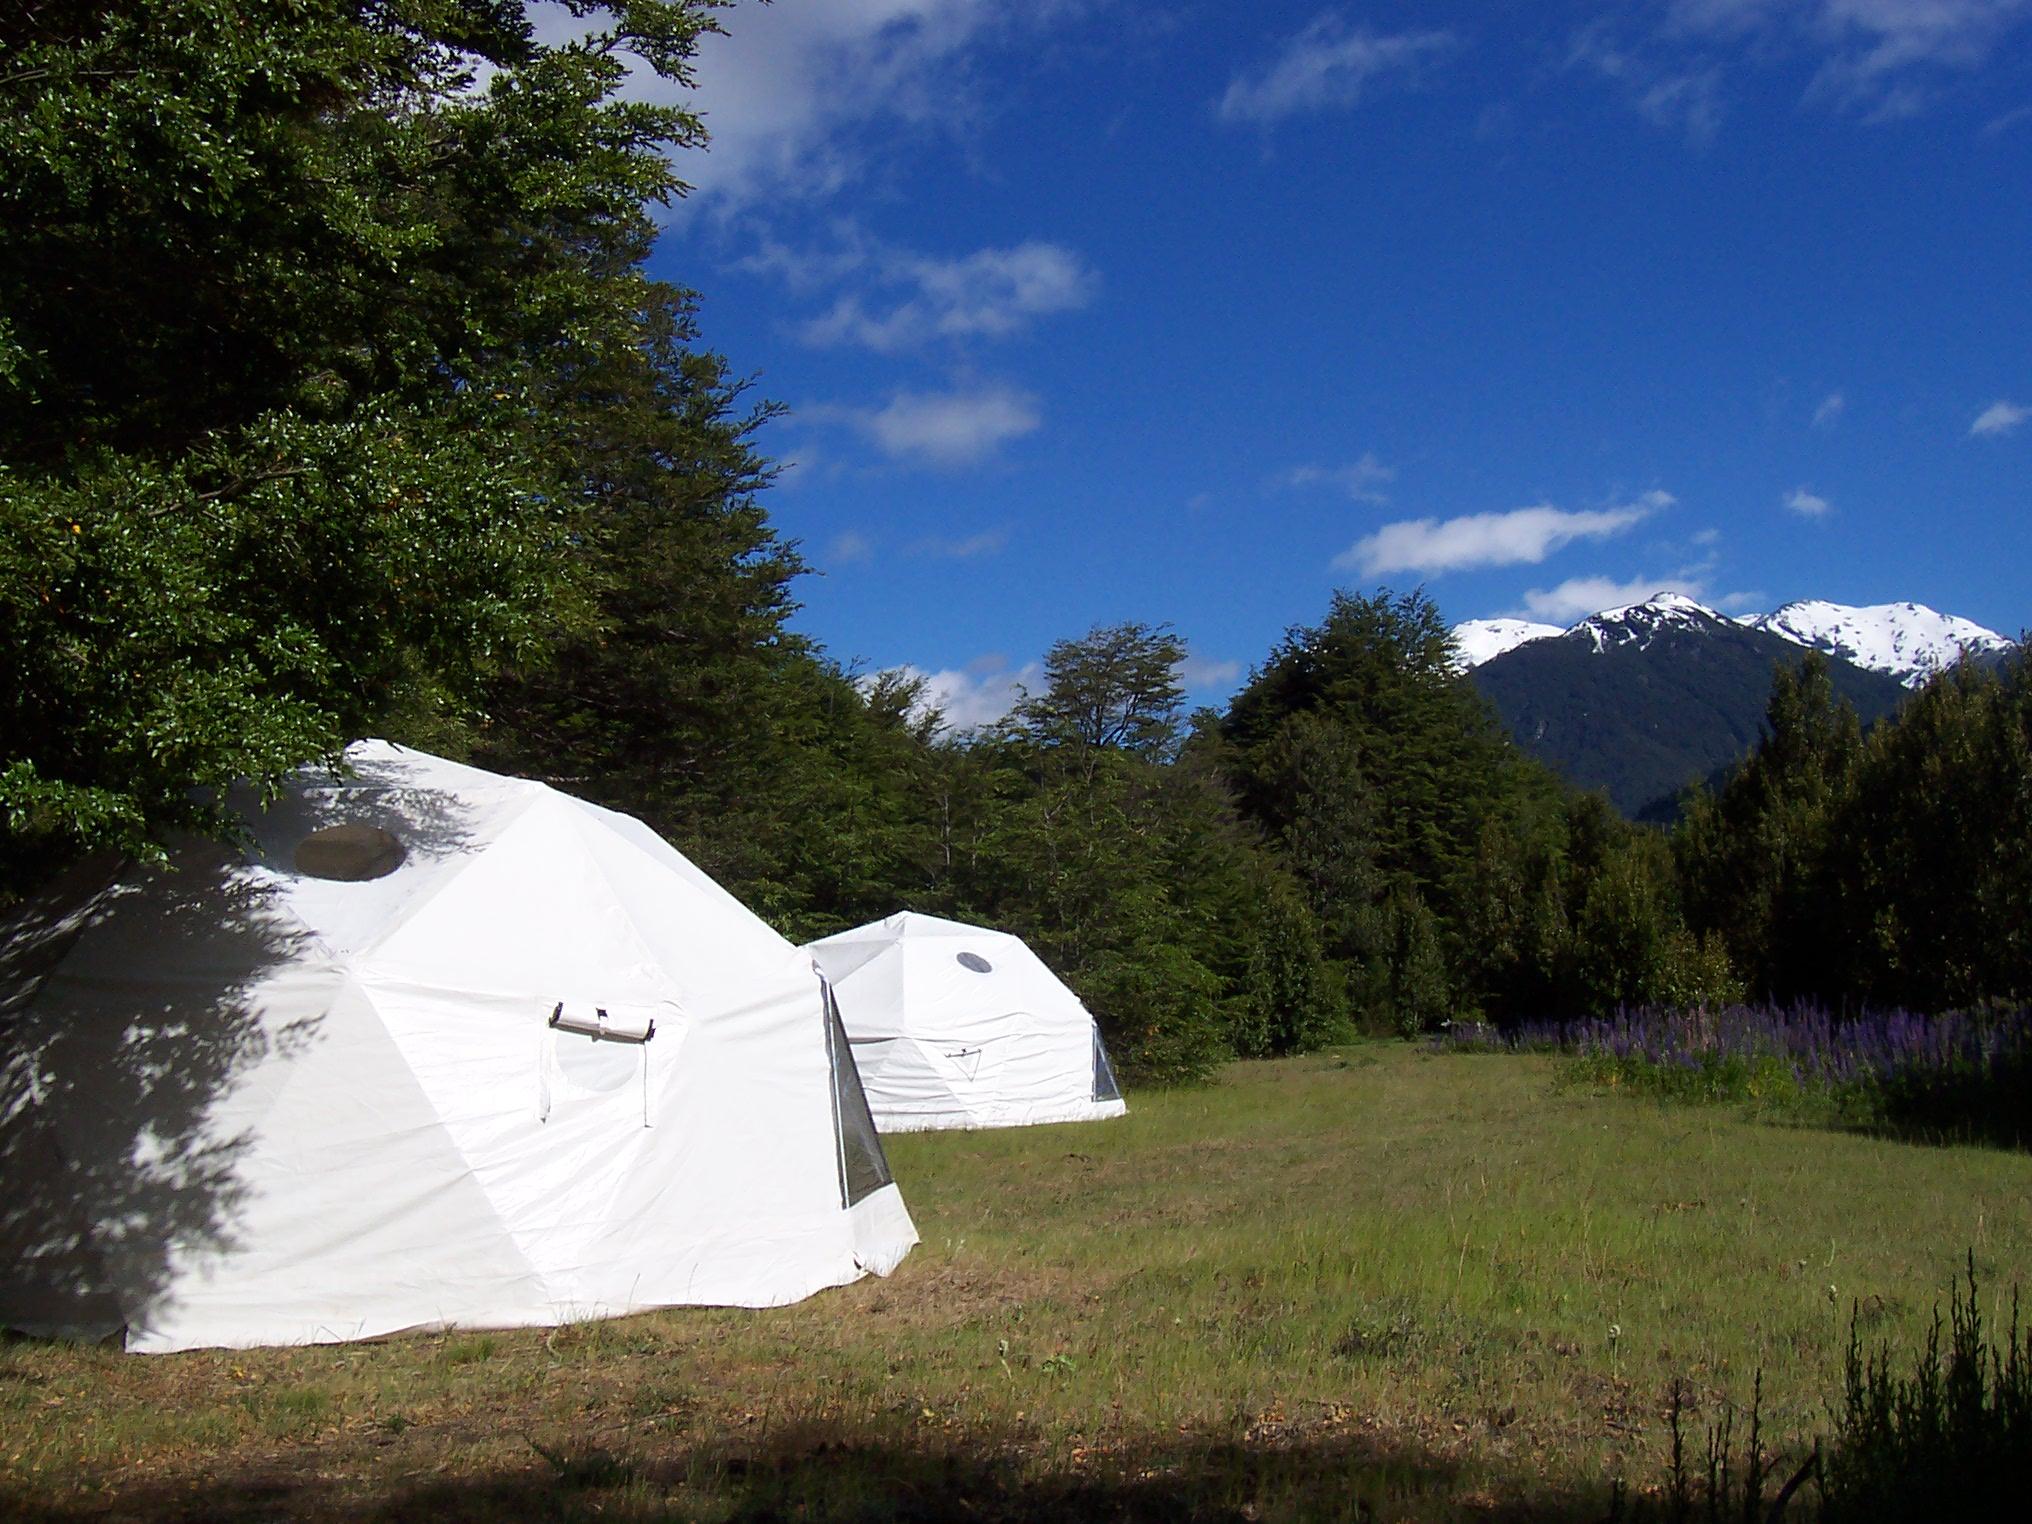 Domos y Camping en Futaleufu Patagonia